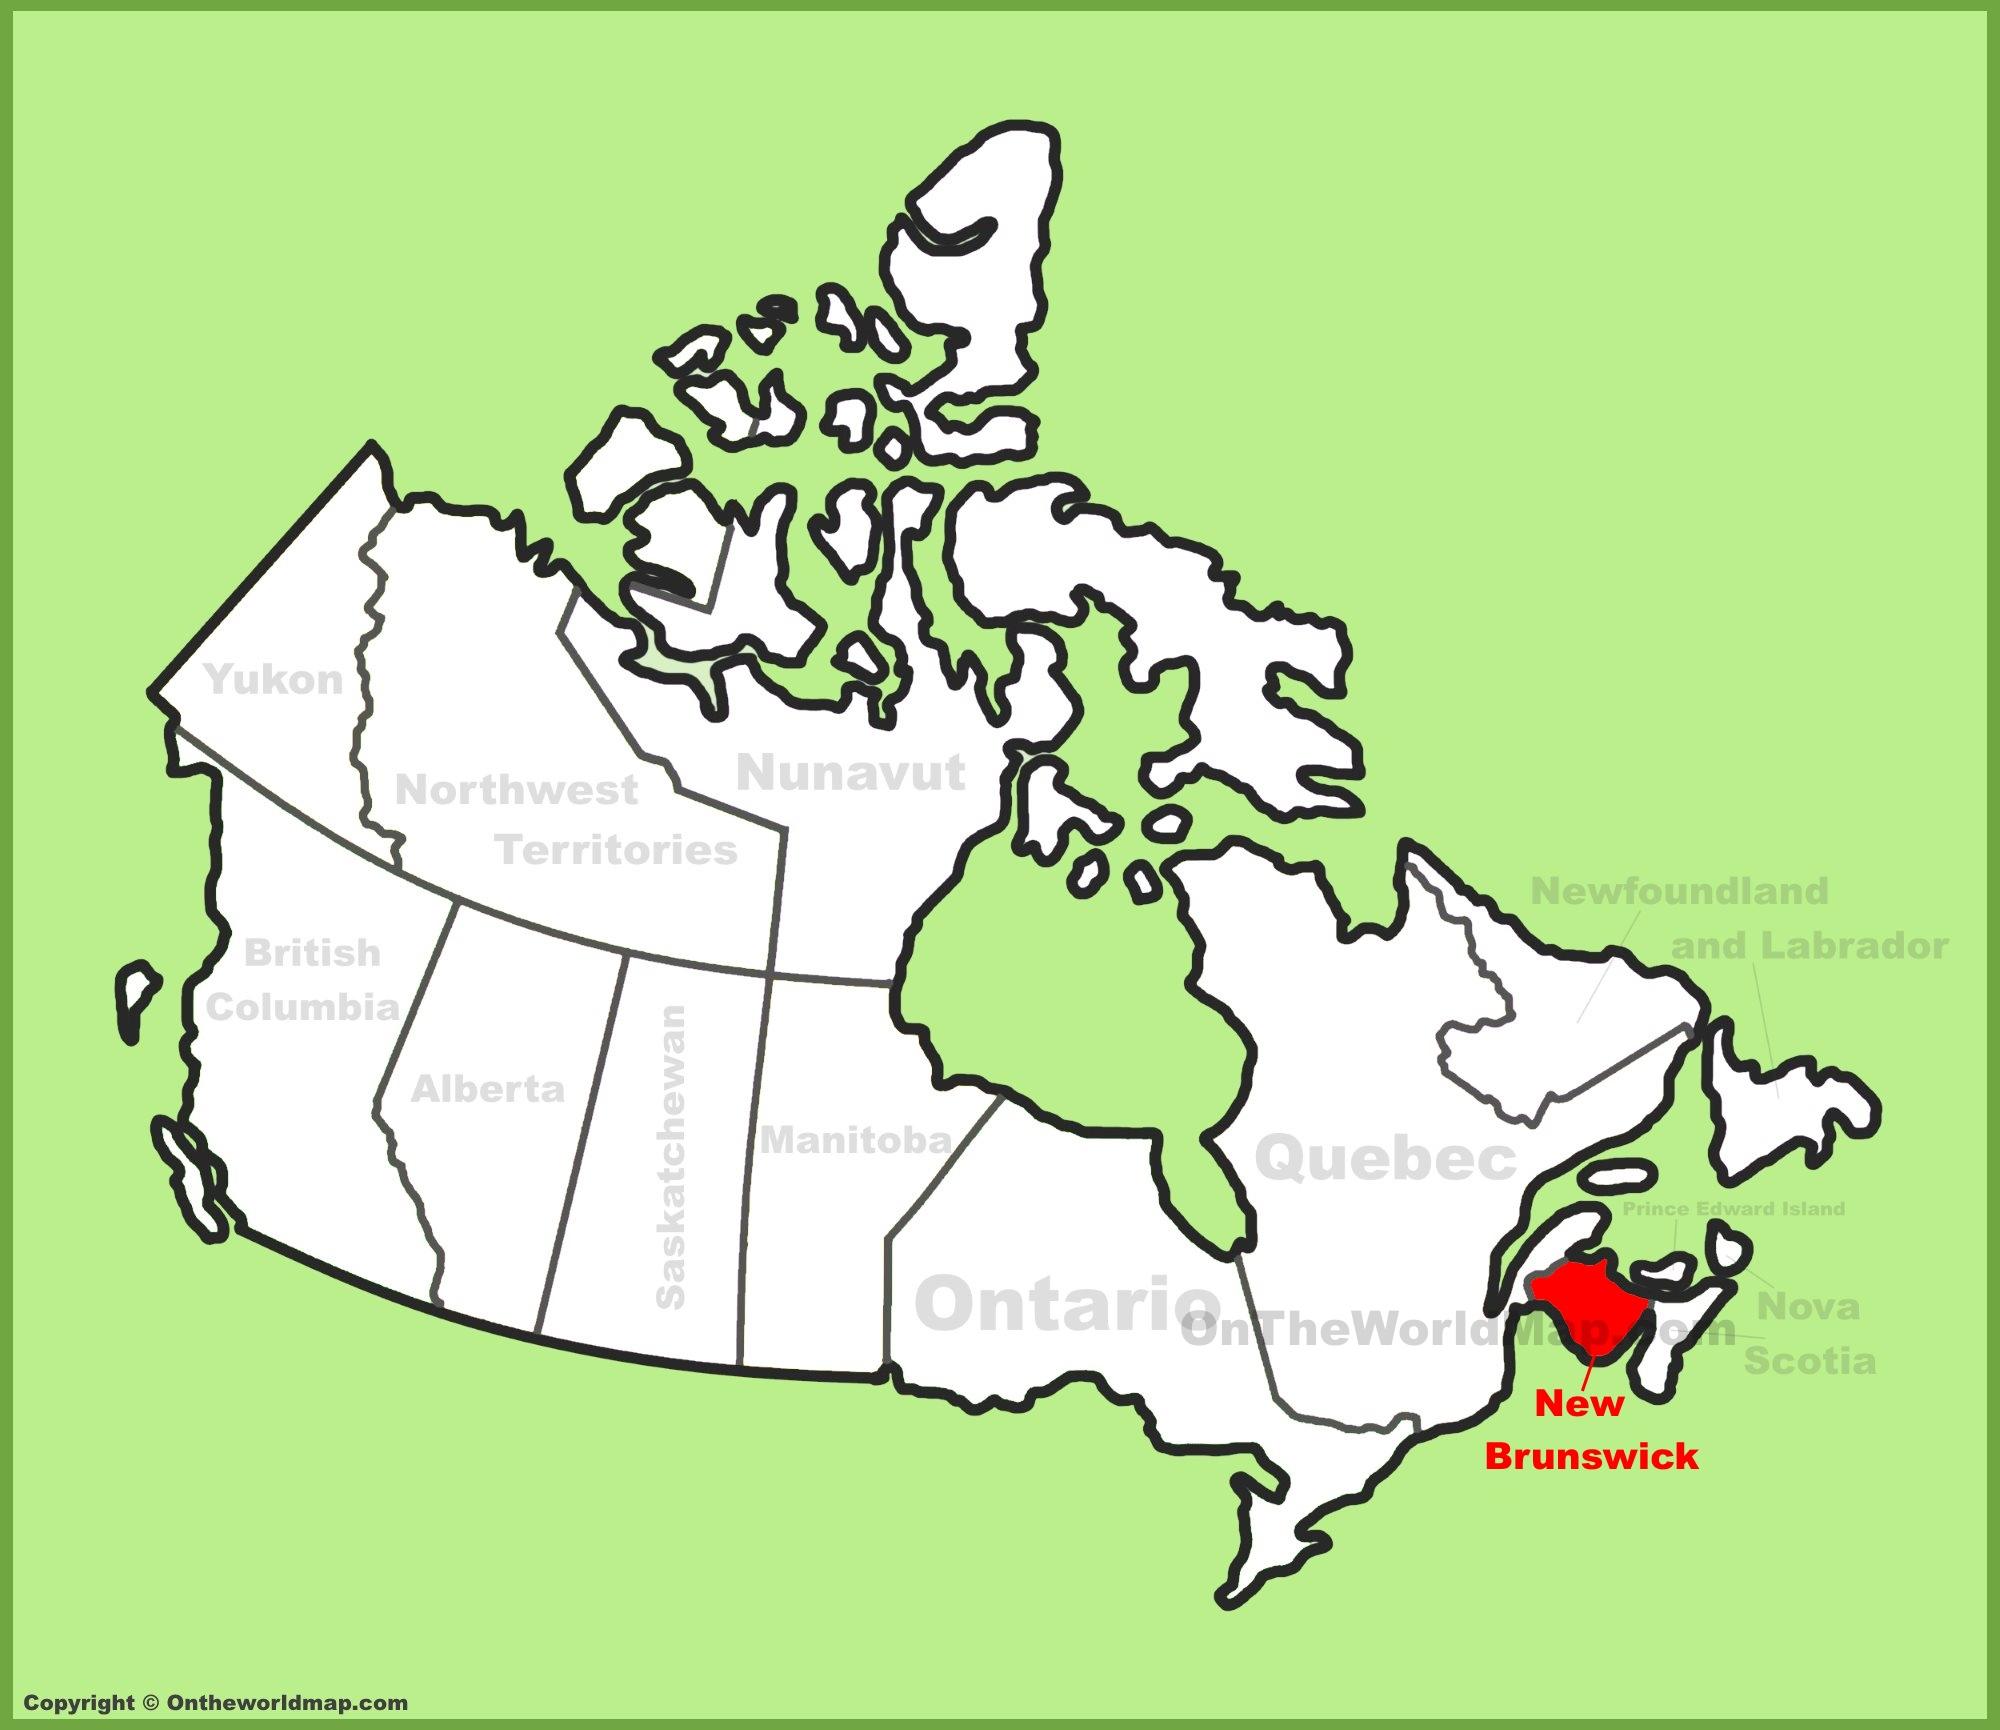 New Brunswick Canada Map New Brunswick Maps | Canada | Maps of New Brunswick (NB)